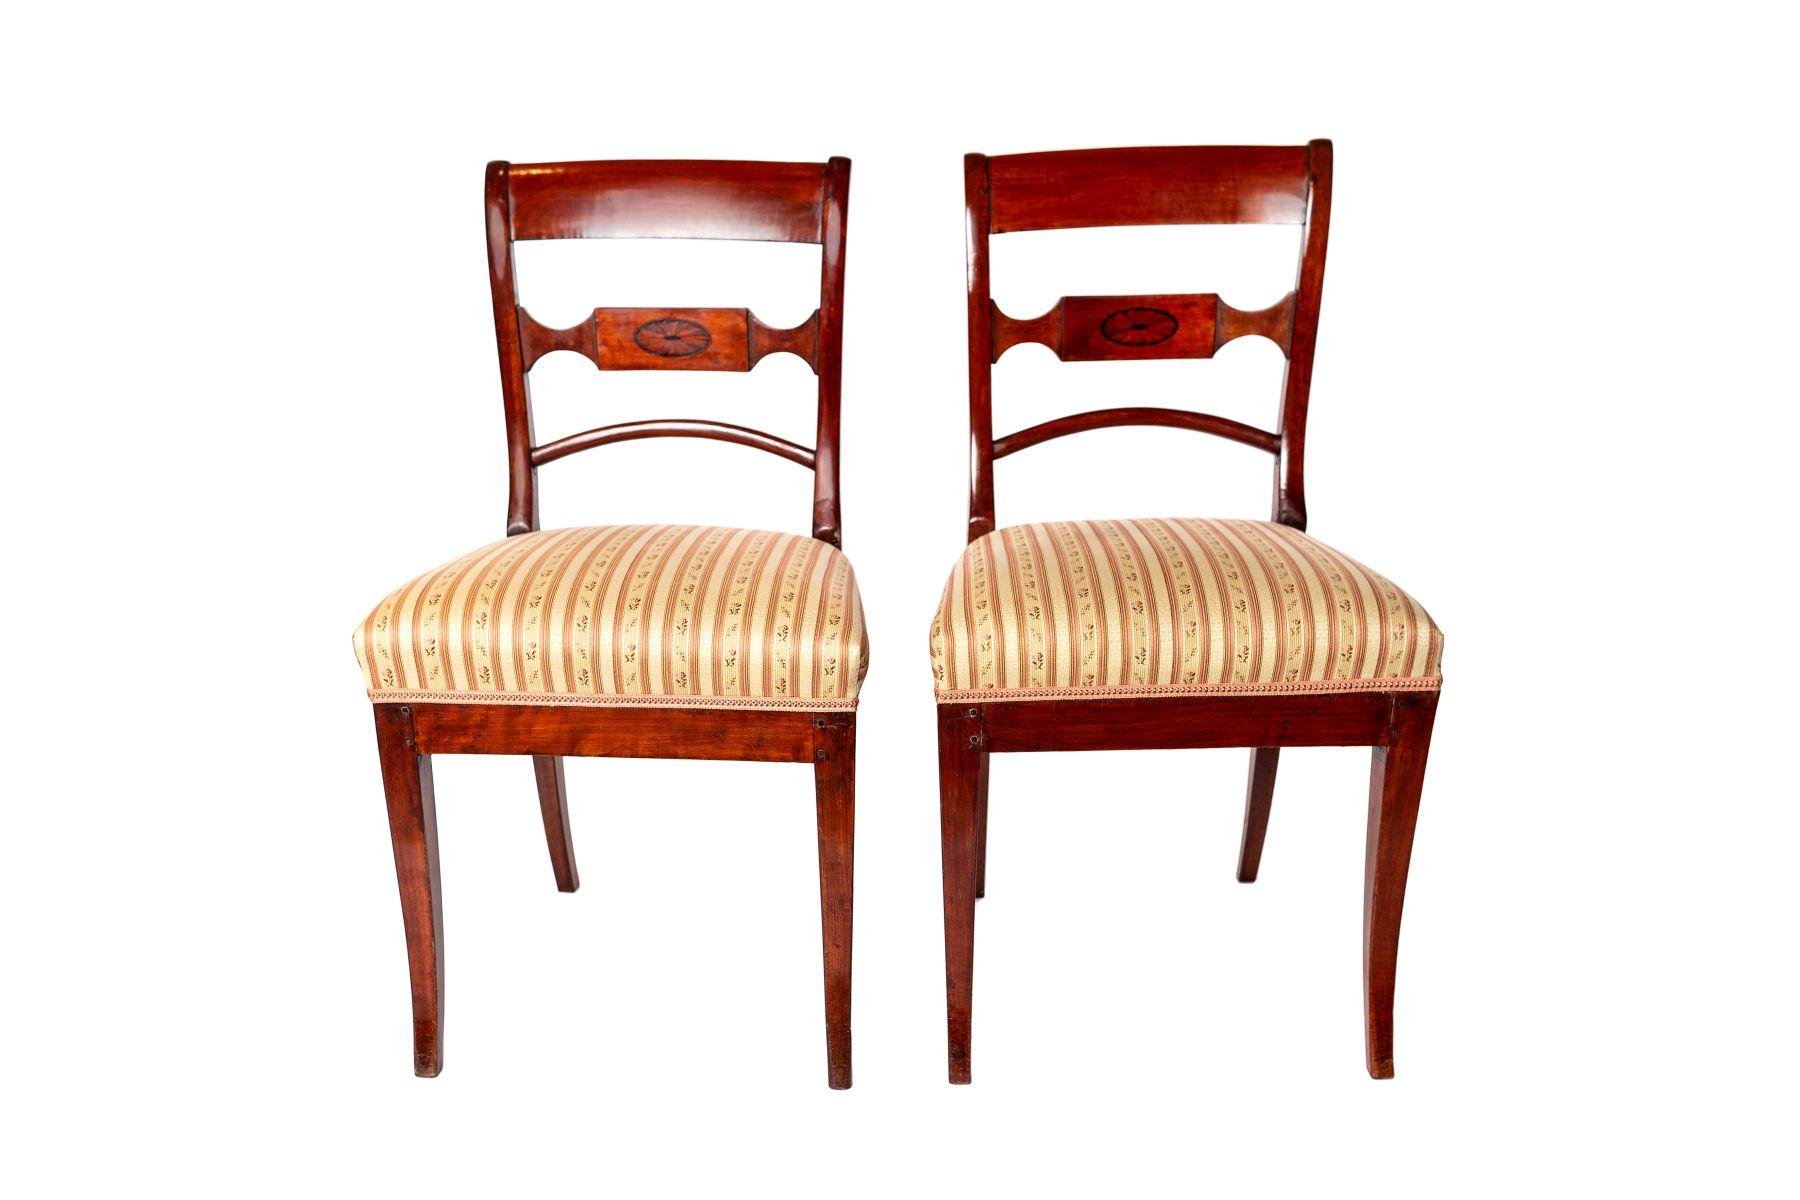 #146 Biedermeier chairs | Biedermeierstühle Image